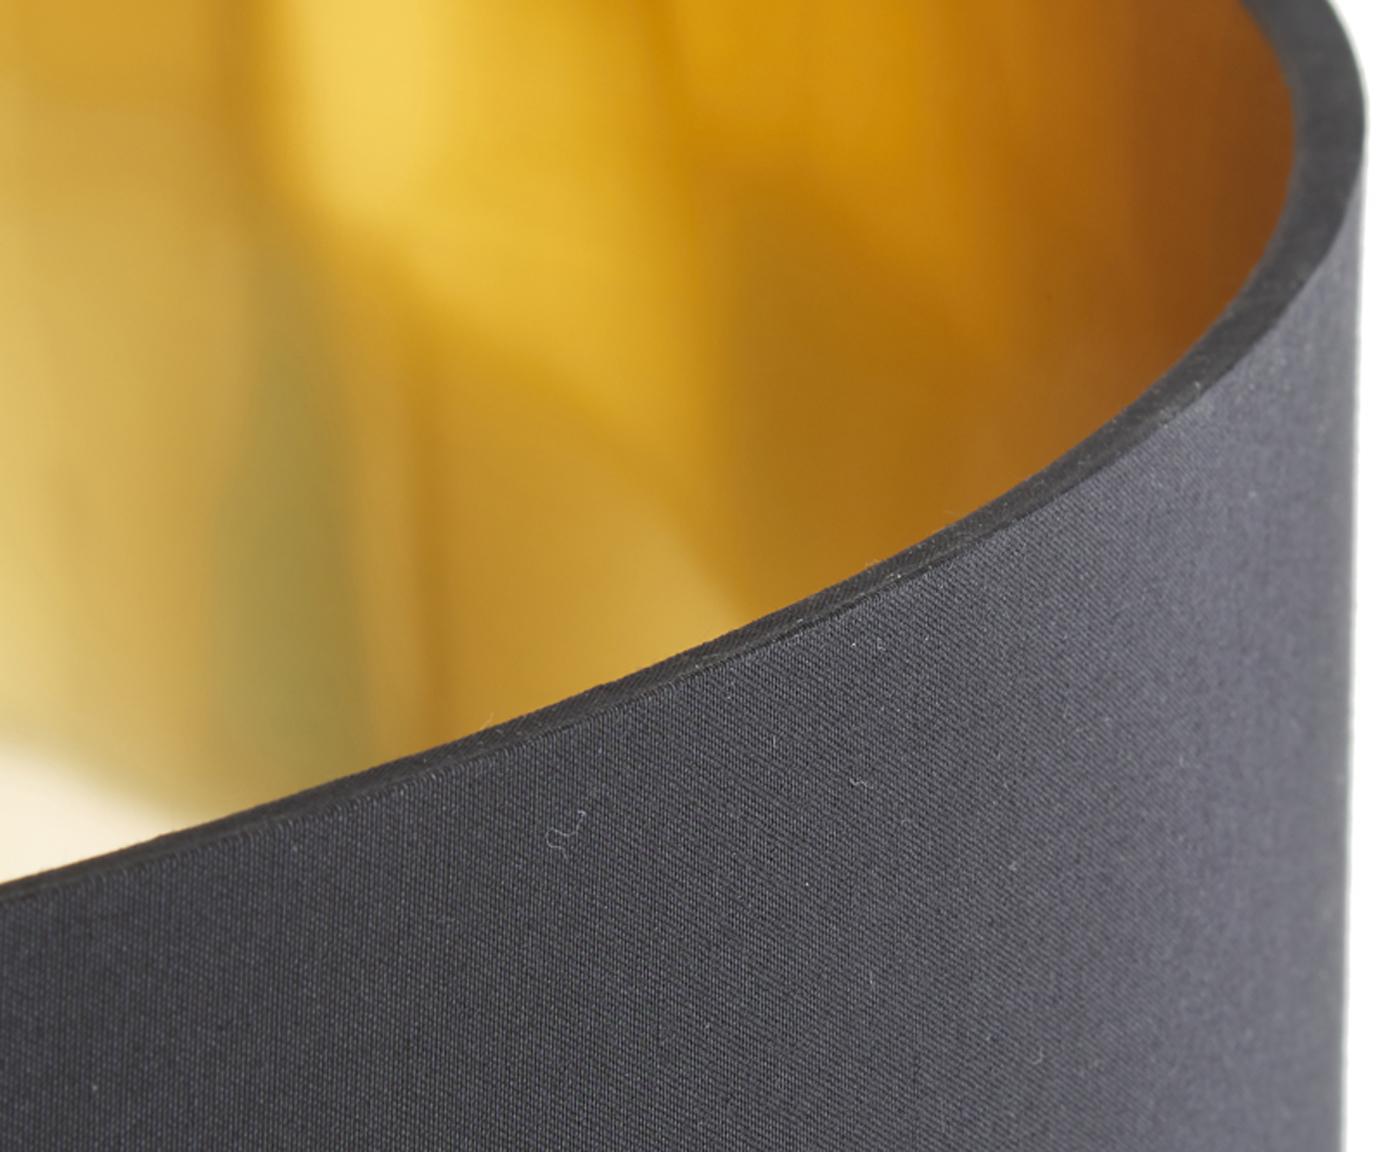 Lampa podłogowa Jessica, Czarny, miedź, Ø 45 x W 155 cm